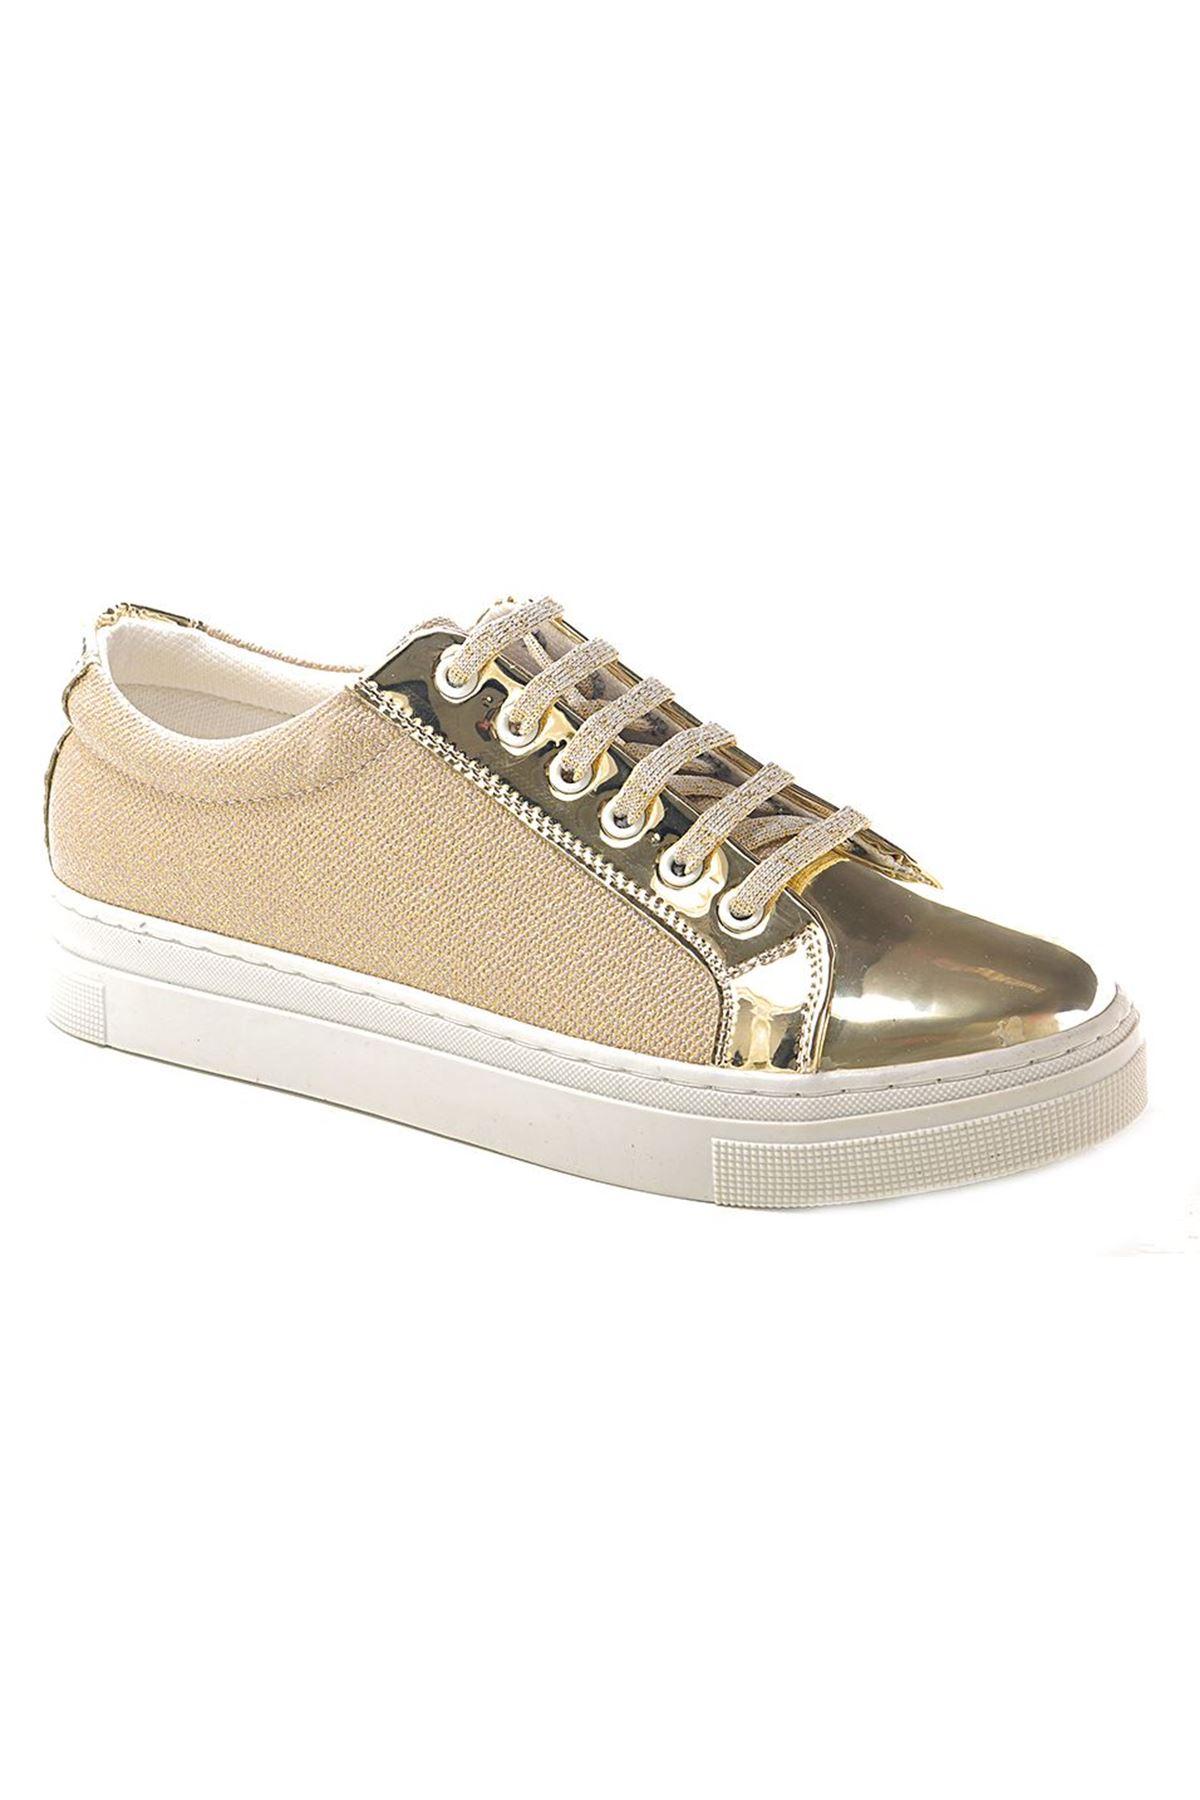 Maria Blansa WM0-035 Simli Bağcıklı Spor Ayakkabı